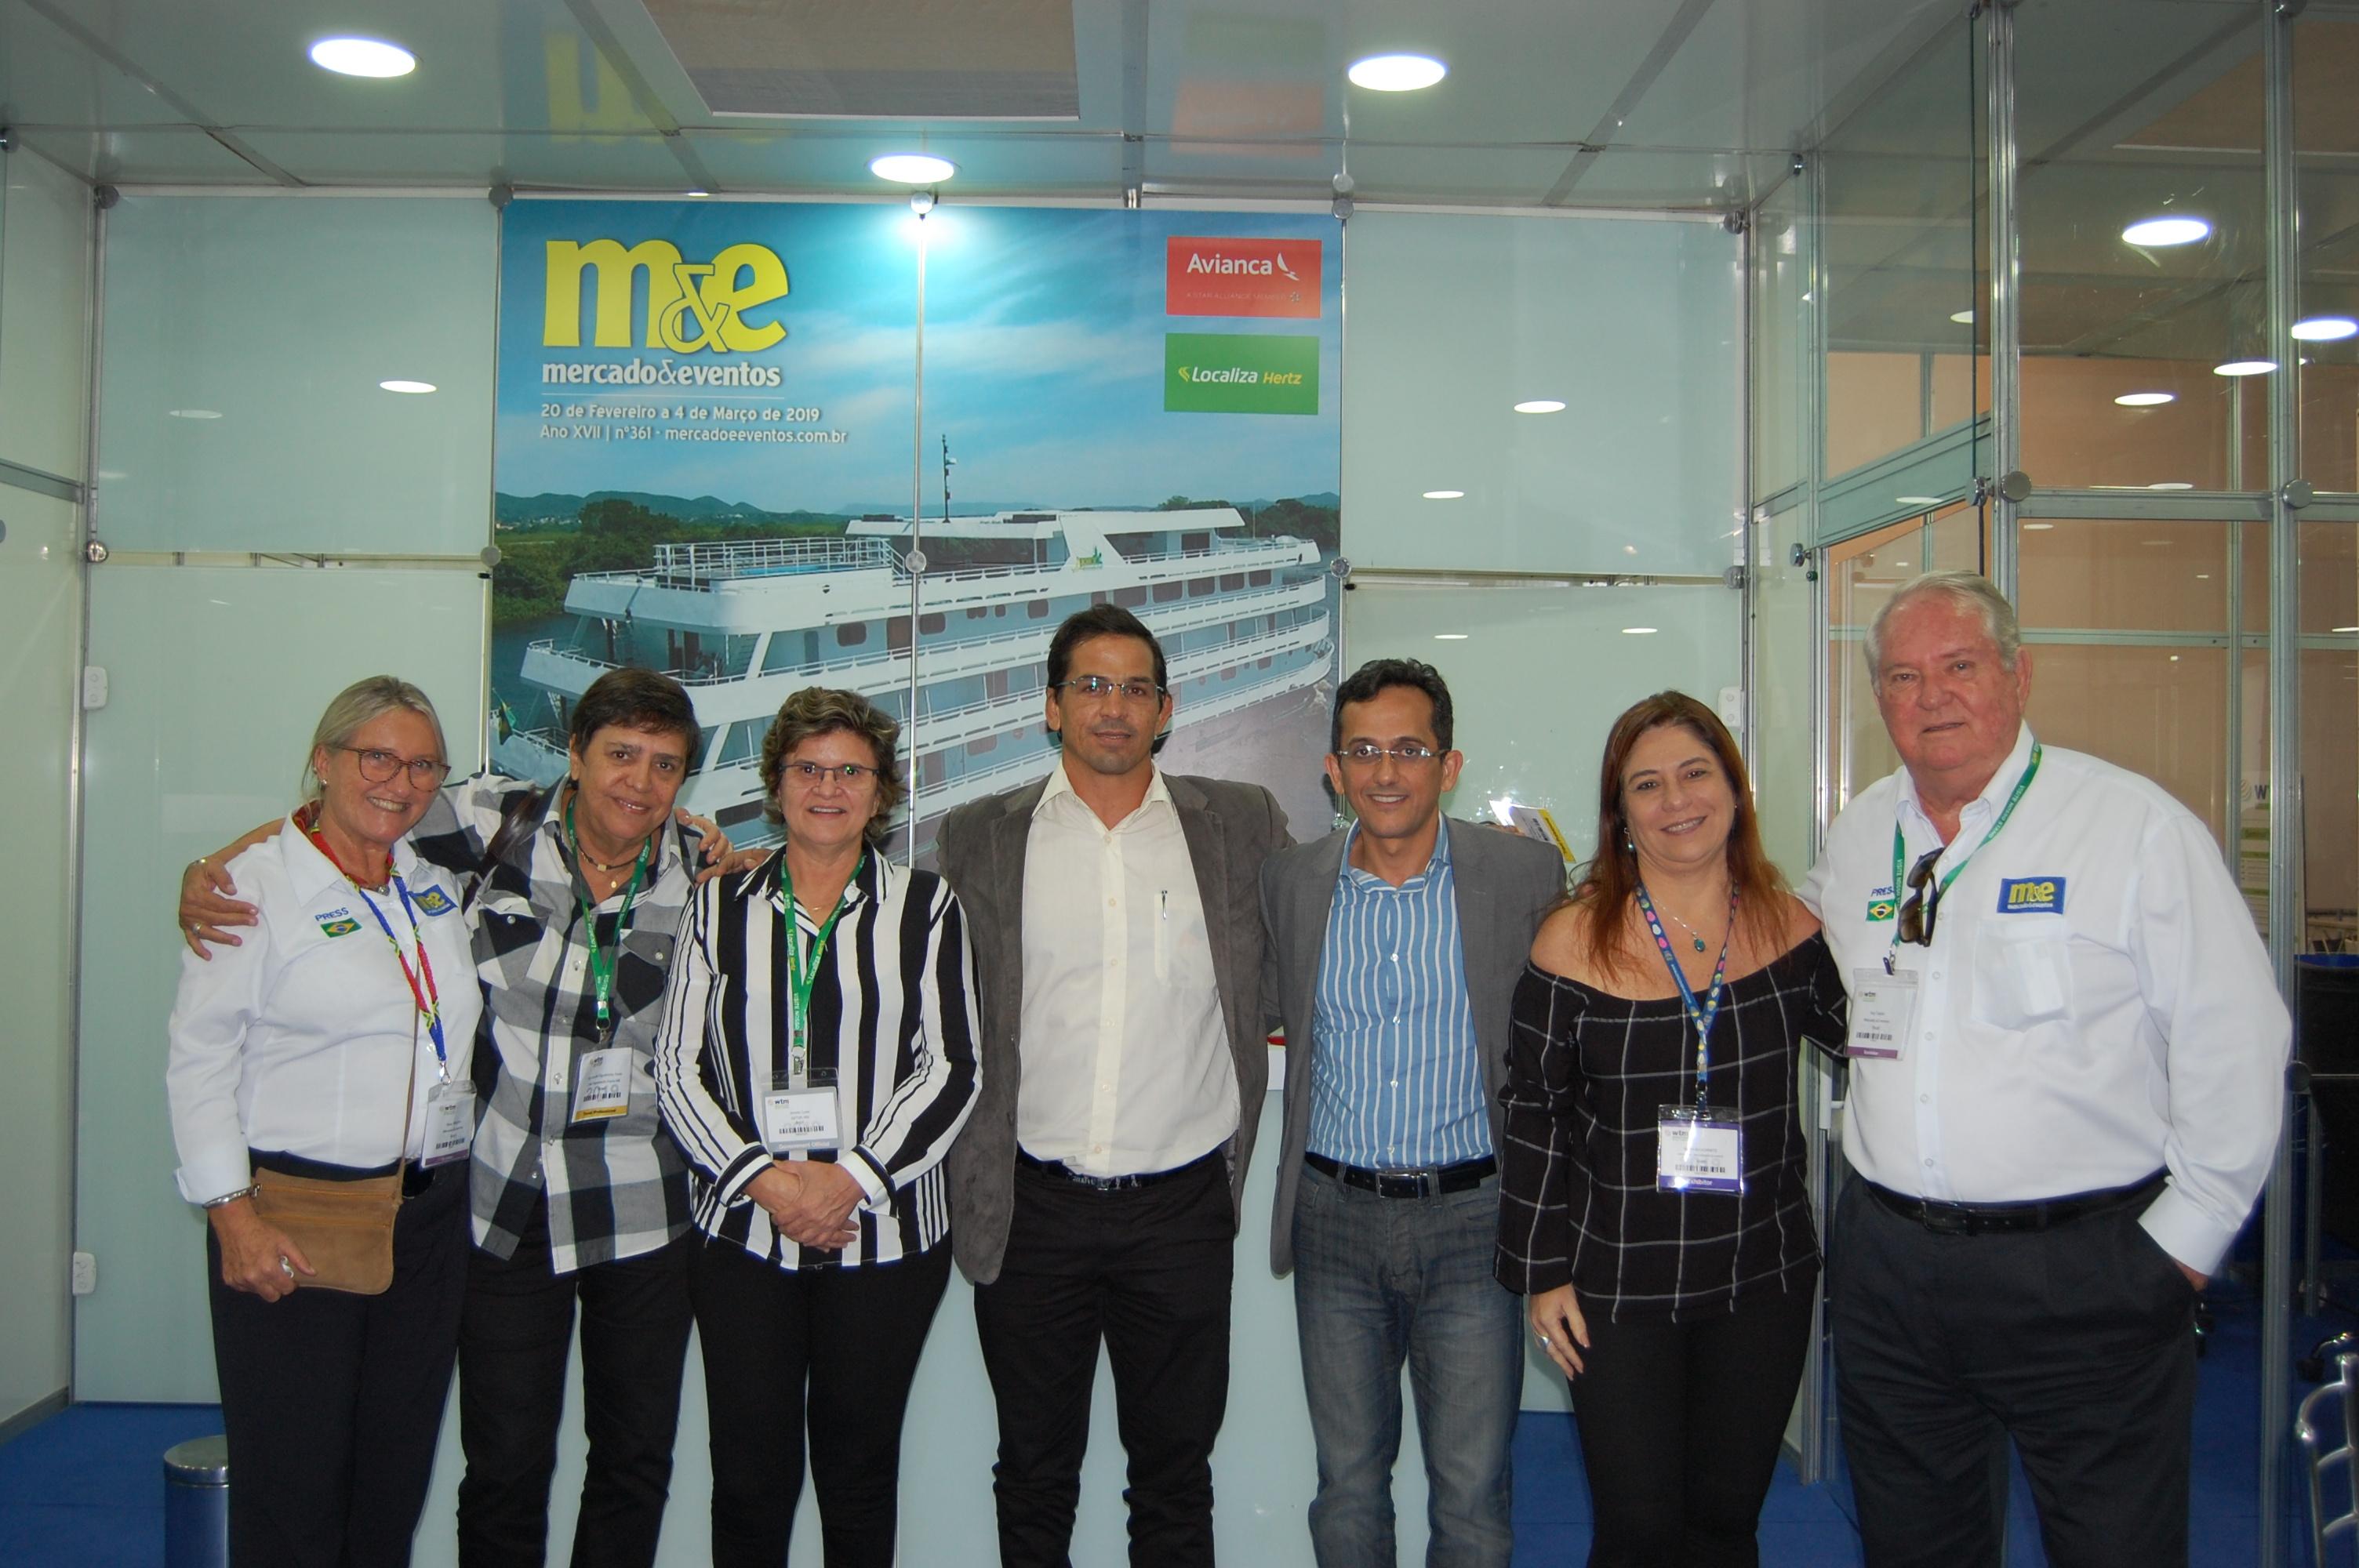 Equipe do Rio Grande do Norte entre Rosa Masgrau e Roy Taylor, do M&E